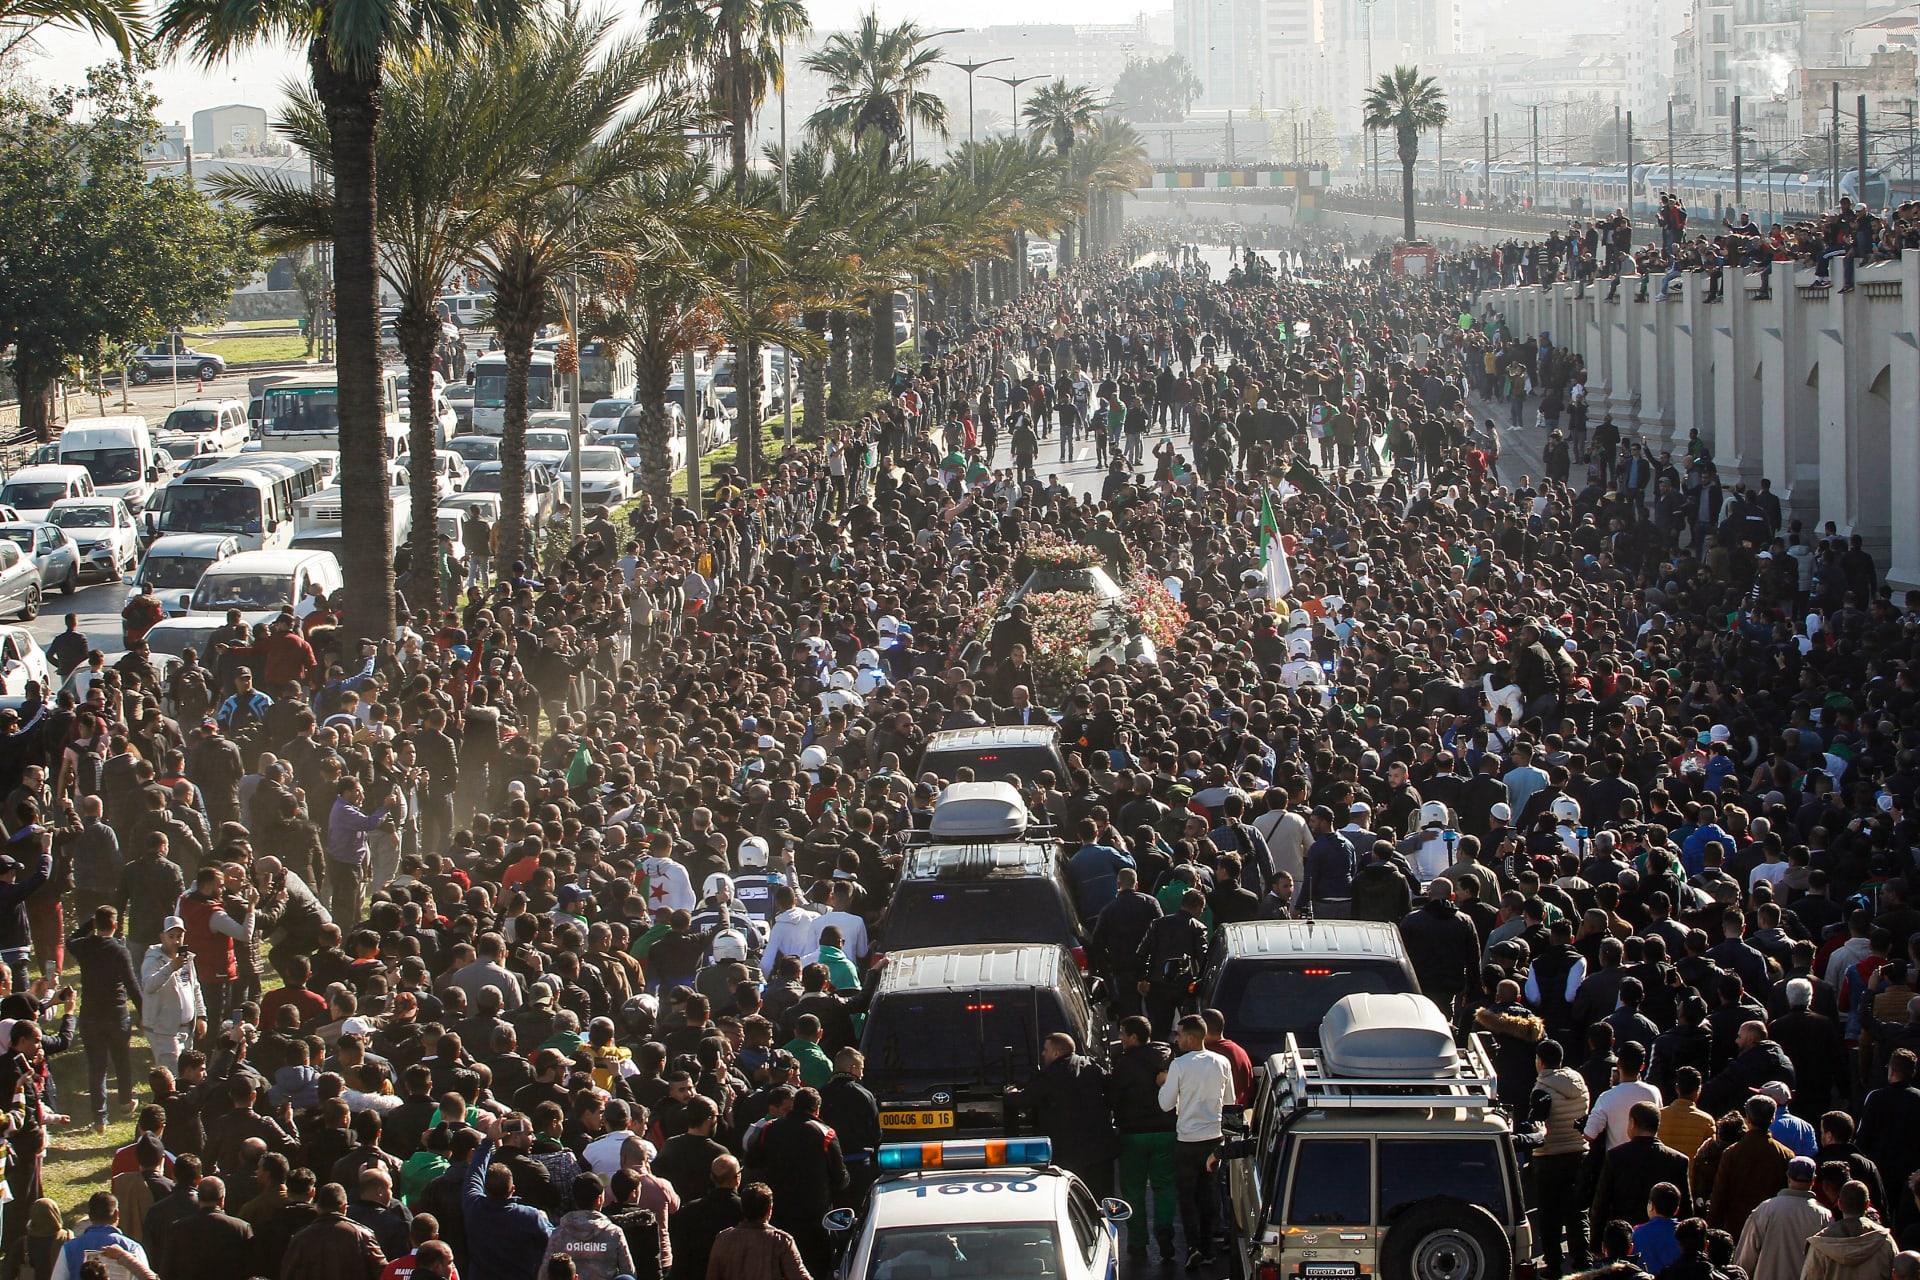 جنازة رئيس أركان الجيش الجزائري أحمد قايد صالح